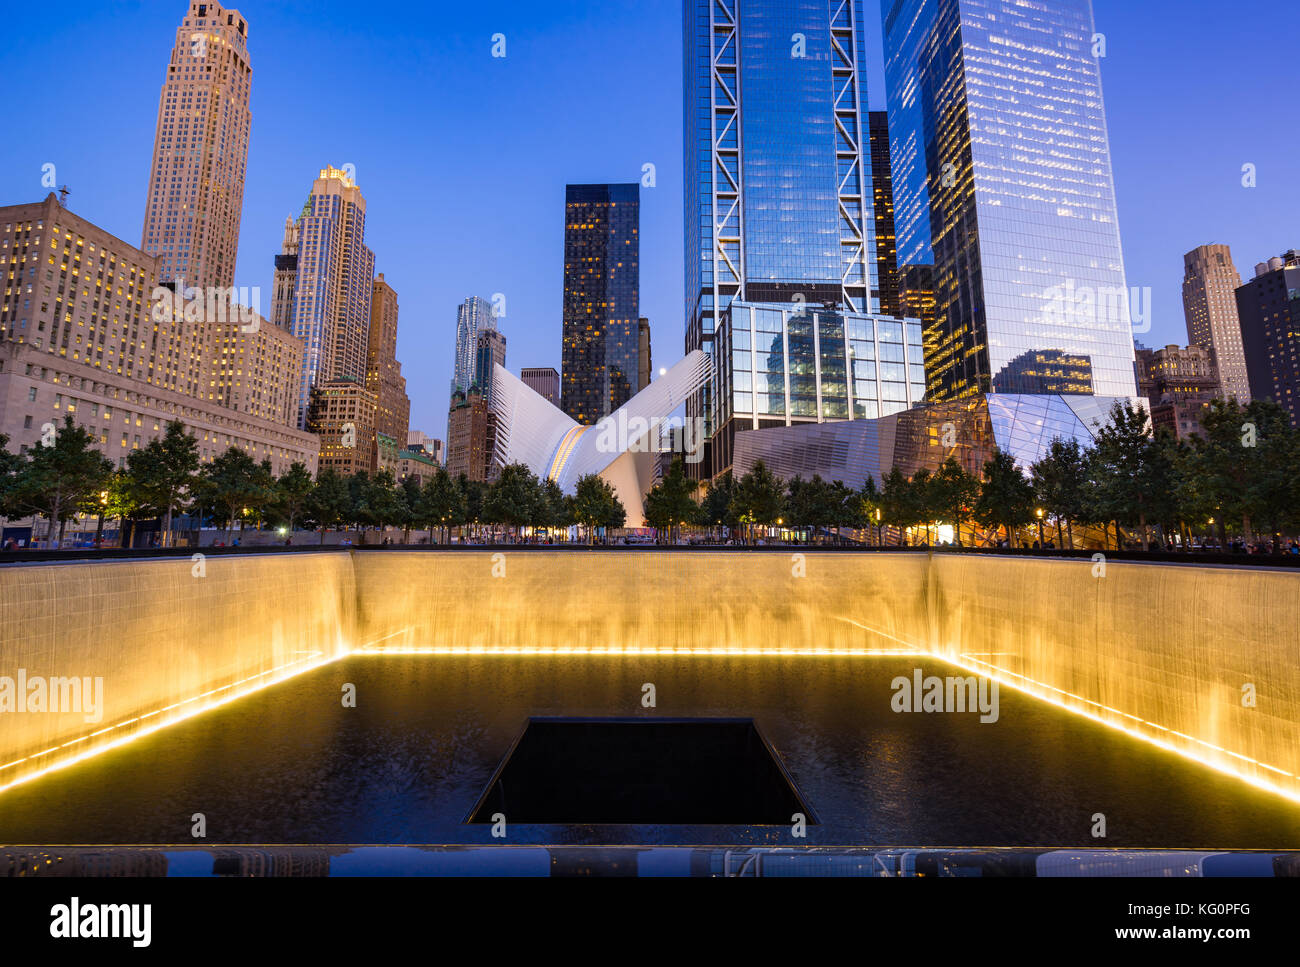 La piscina reflectante del Norte iluminado al atardecer con vista de la torre del World Trade Center 3 y 4. Lower Imagen De Stock